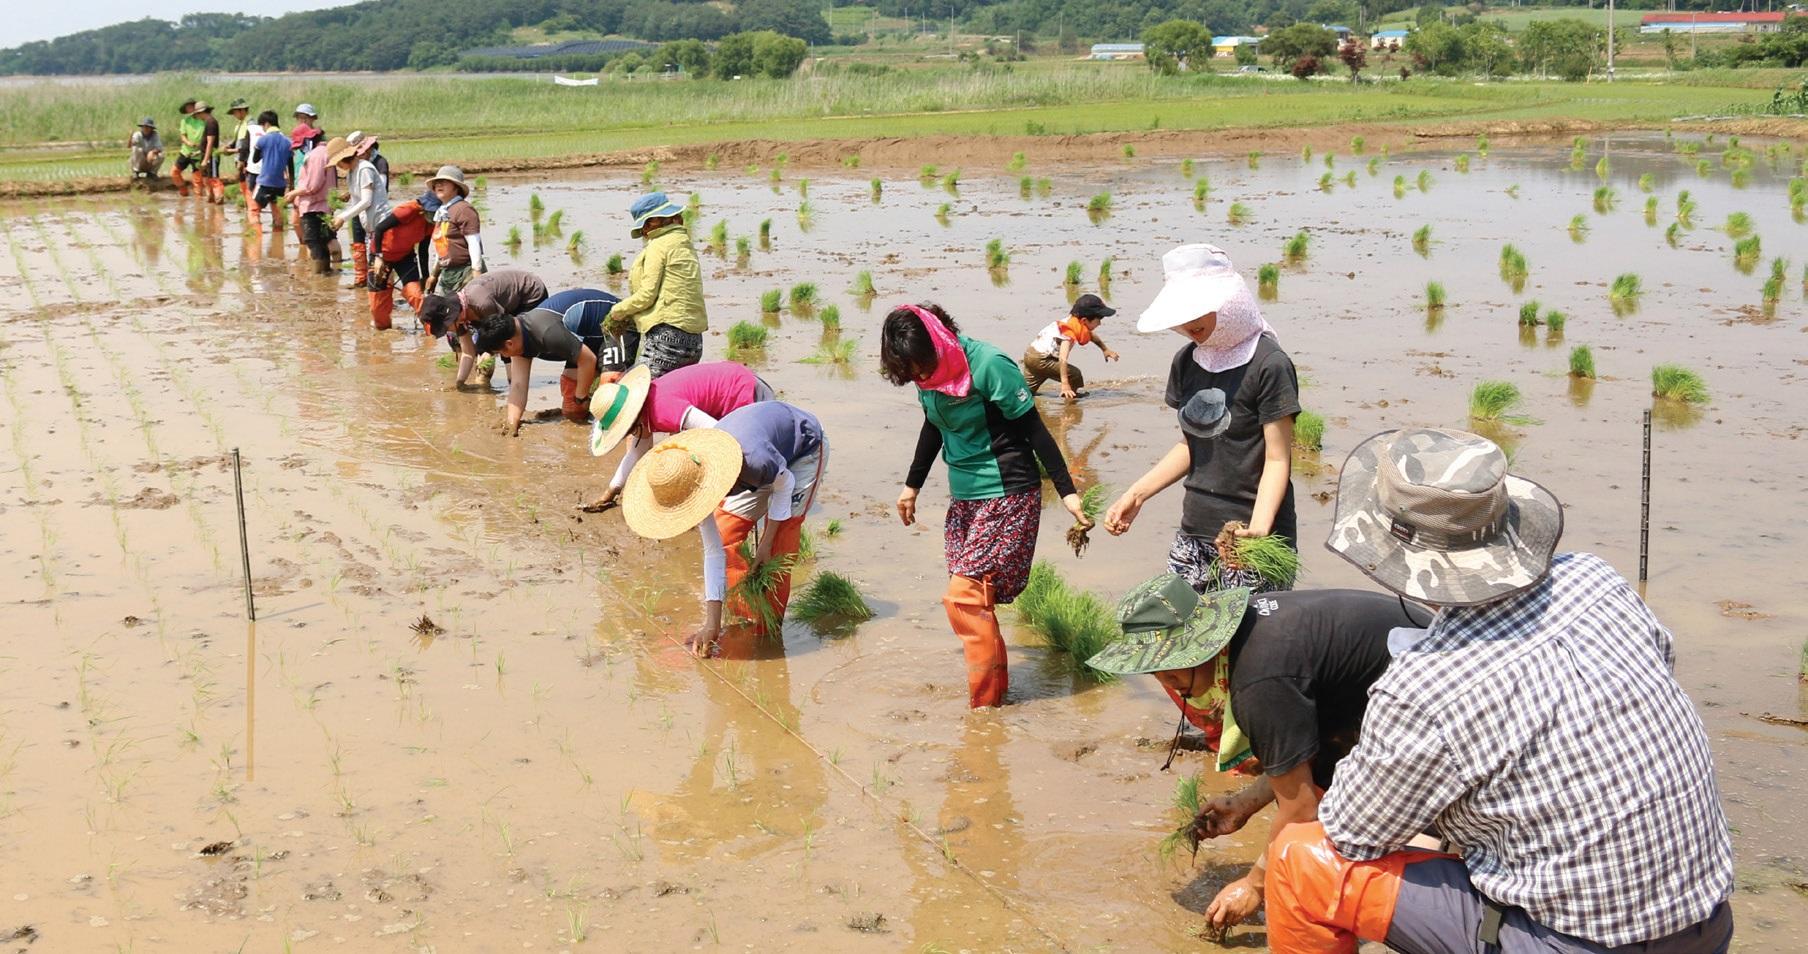 충남 홍성군 농민들이 지역 학생들과 함께 모내기하는 모습. ⓒ협동조합젊은협업농장